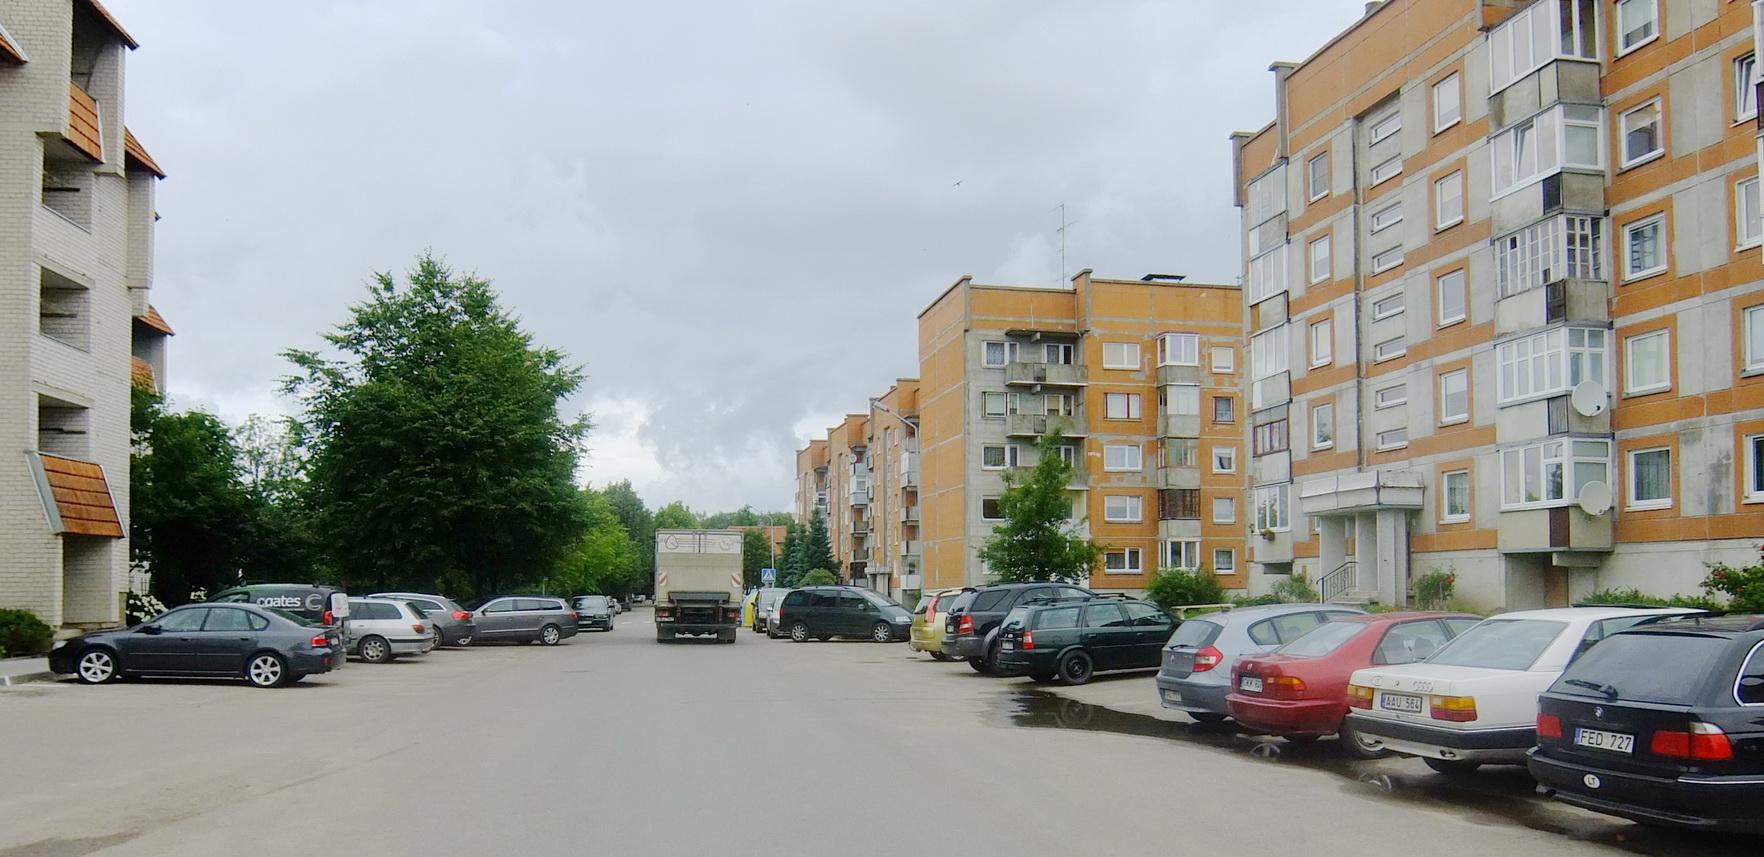 Liepų gatvė pavirtusi mašinų statymo aikštelėmis.